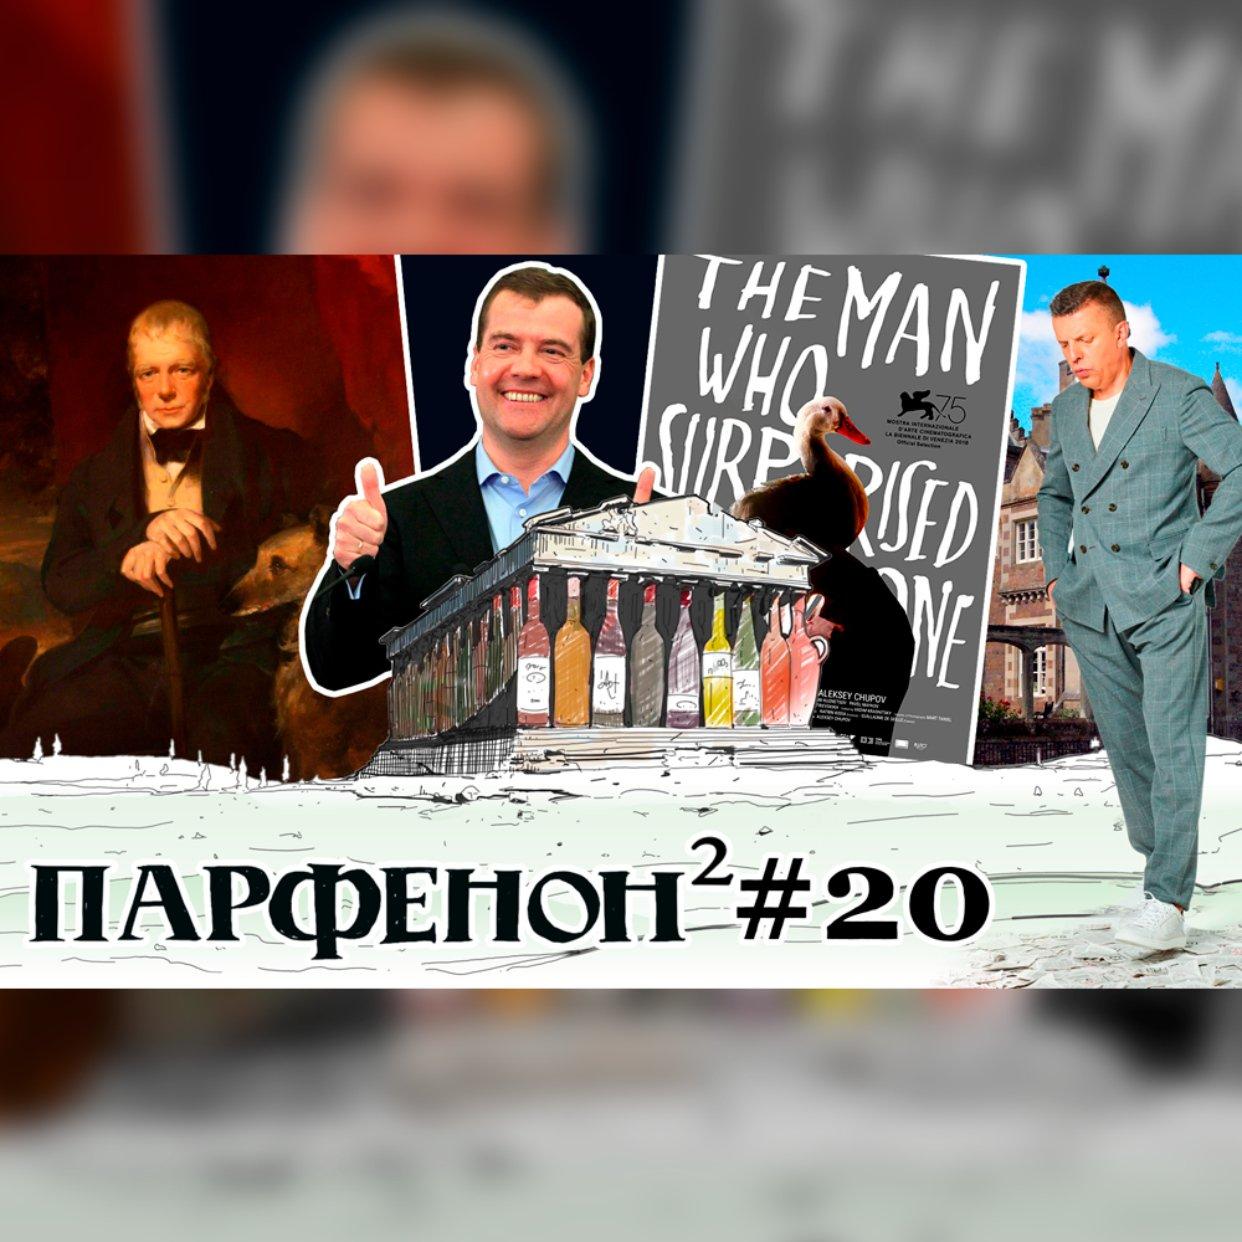 """Парфенон #20: Человек, который удивил всех, Медведев и """"ничего"""", чудаки Шотландии и винные мемы"""